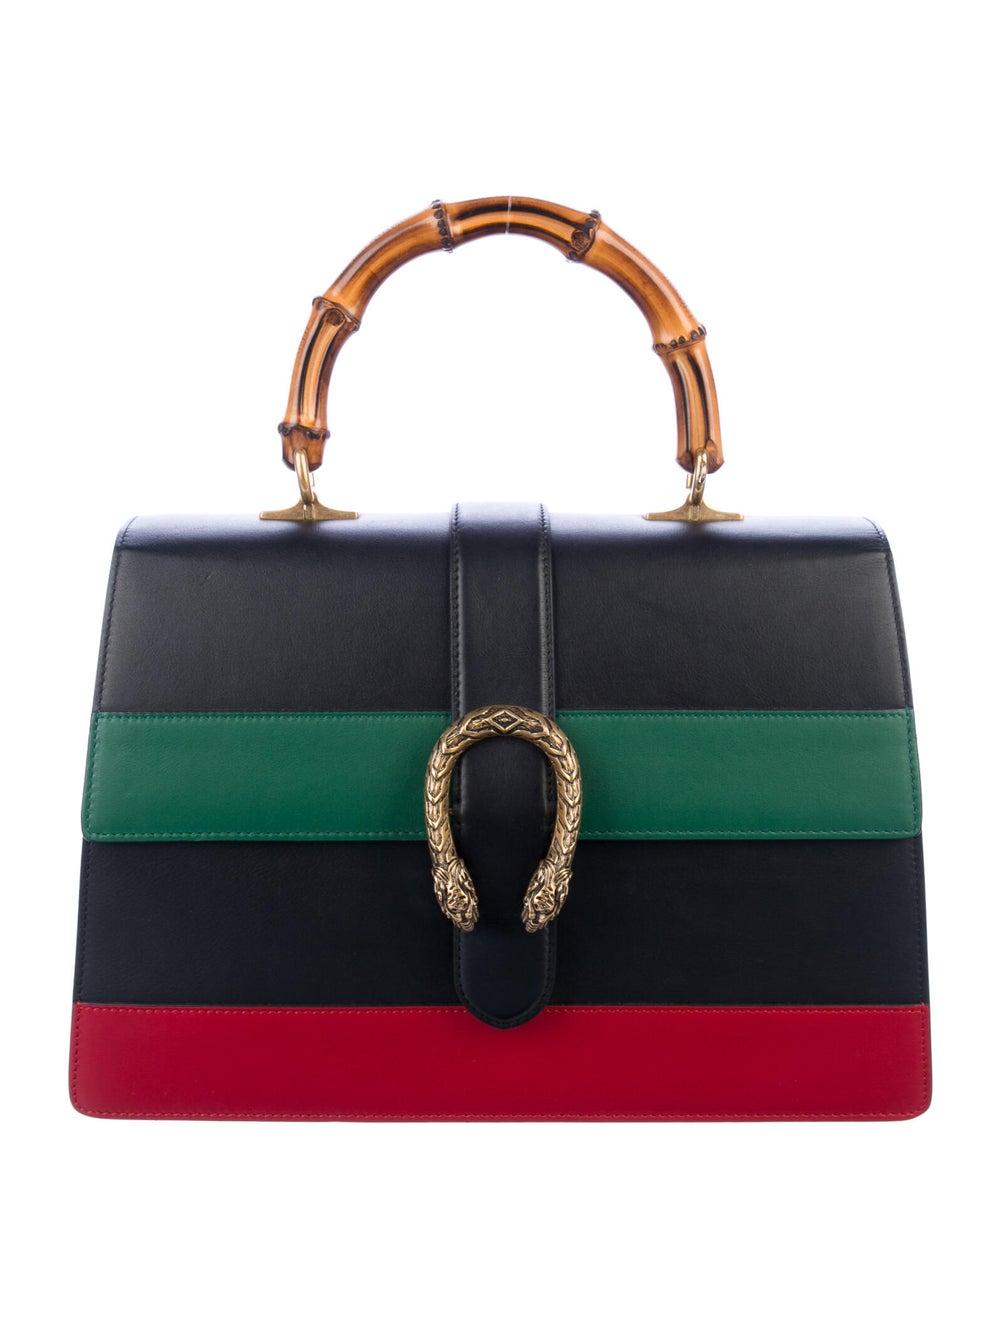 Gucci Large Dionysus Bamboo Handle Bag Black - image 1